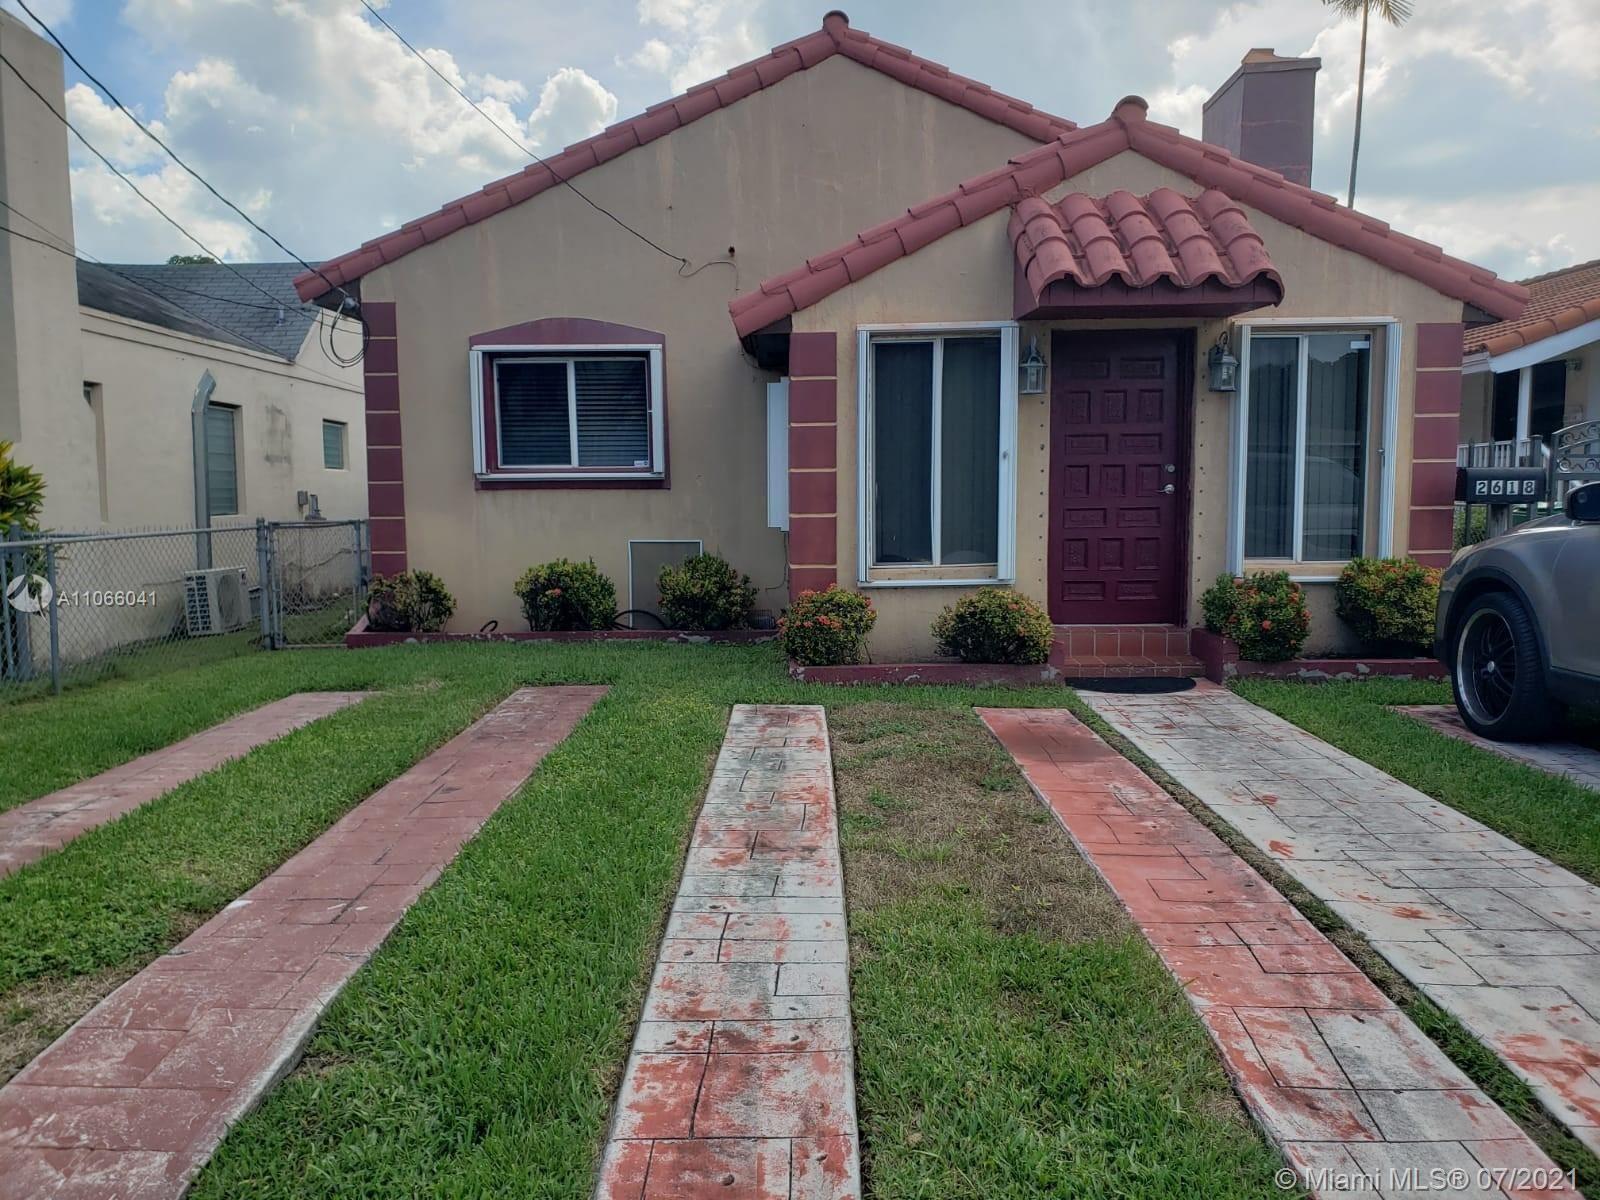 2618 SW 34th Ave, Miami, FL 33133 - #: A11066041